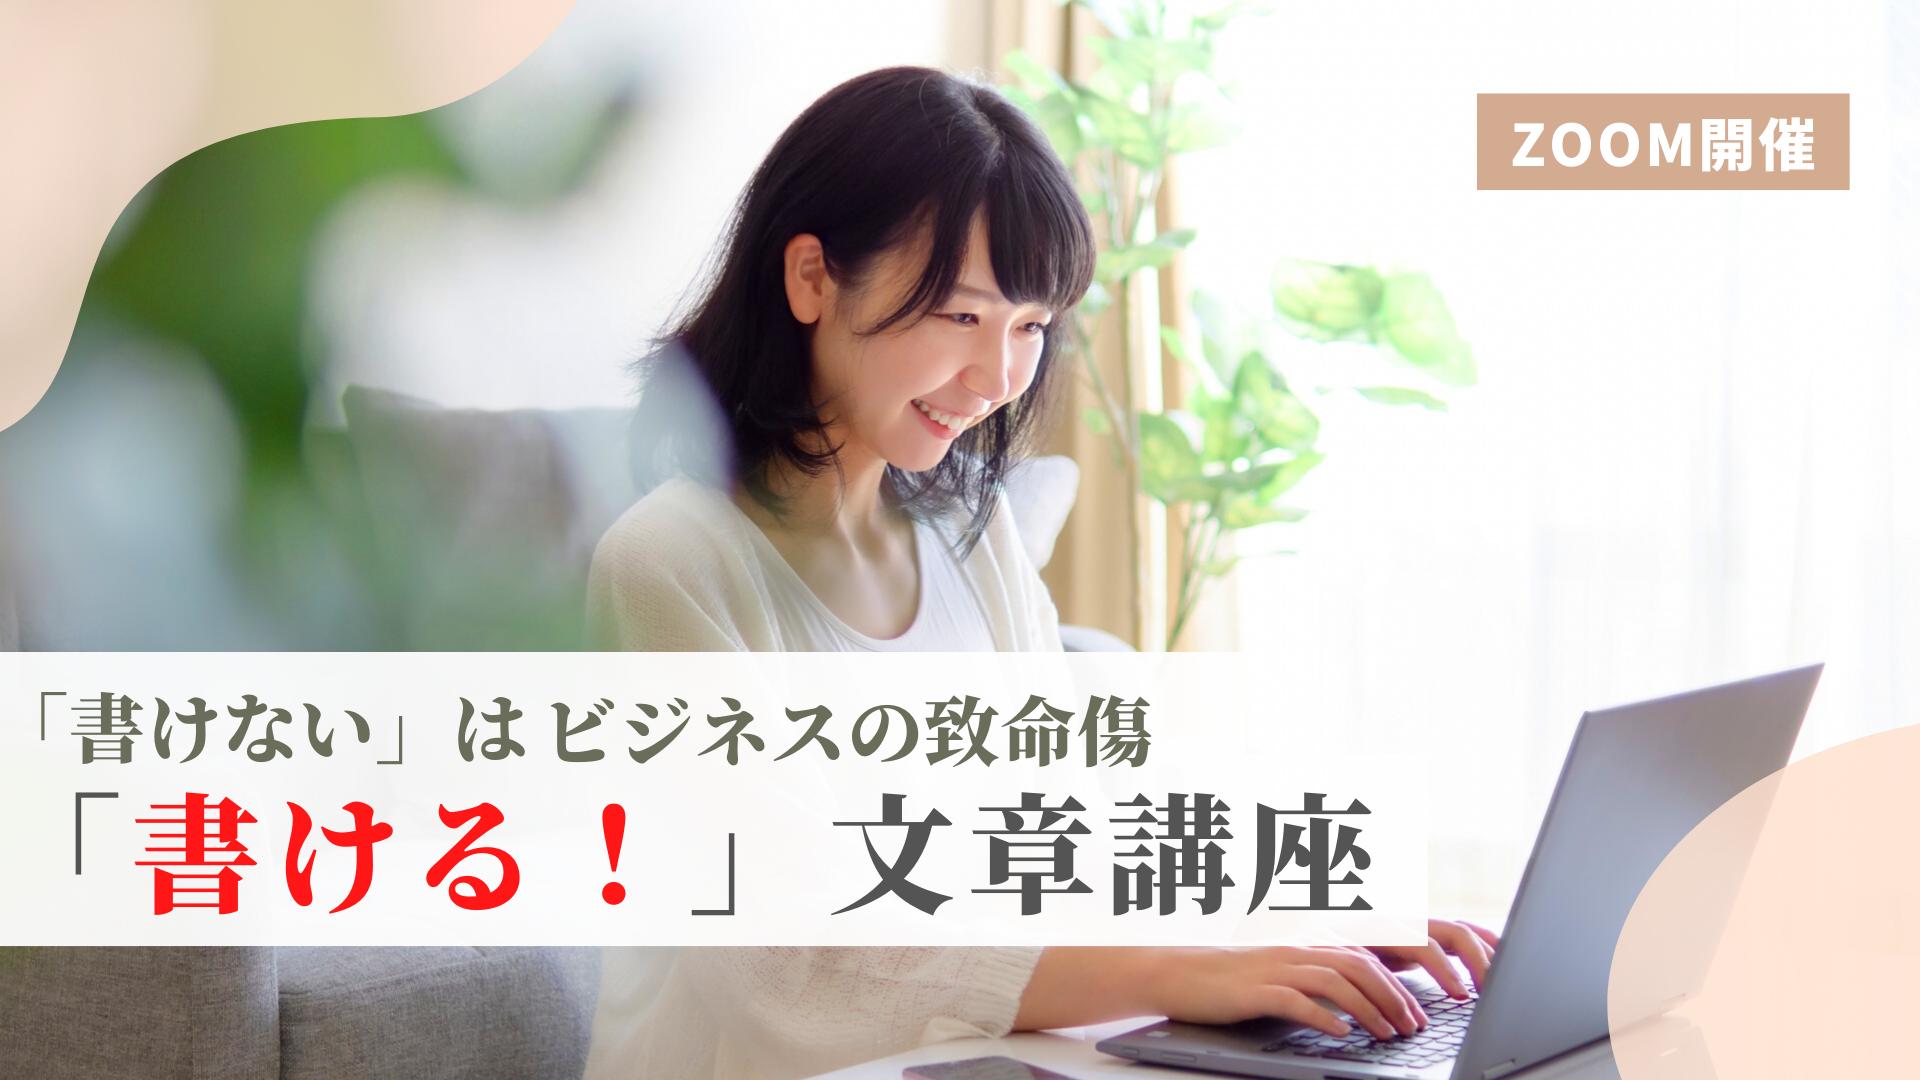 1/14・21【オンライン】※限定6名様「書けない」はビジネスの致命傷。「書ける!」文章講座